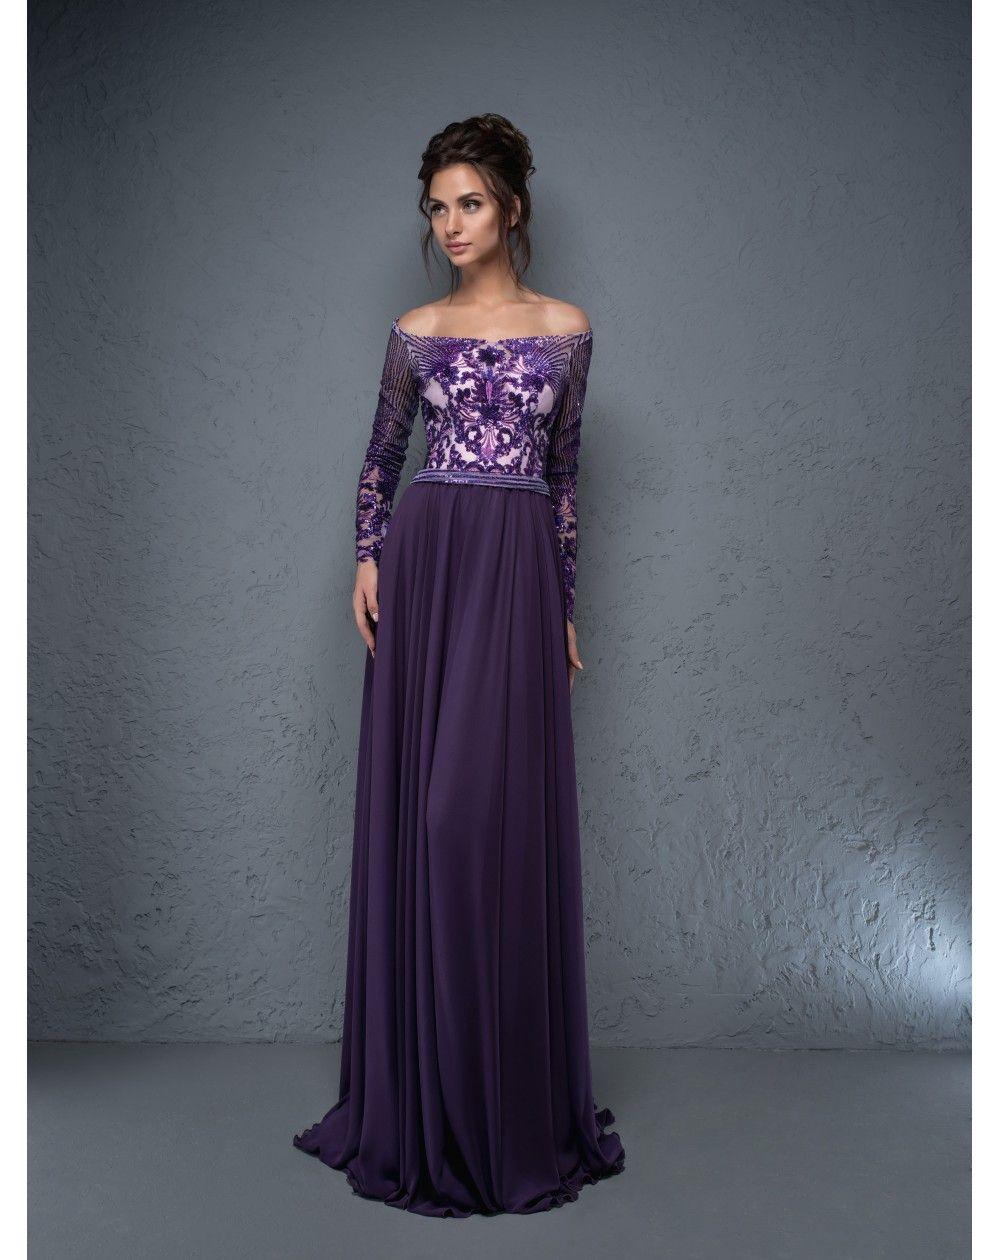 Dlhé fialové plesové šaty s dlhými rukávmi. Zvršok je vytvorený z  neopakovateľnej látky so vzormi. eeff7d275ae